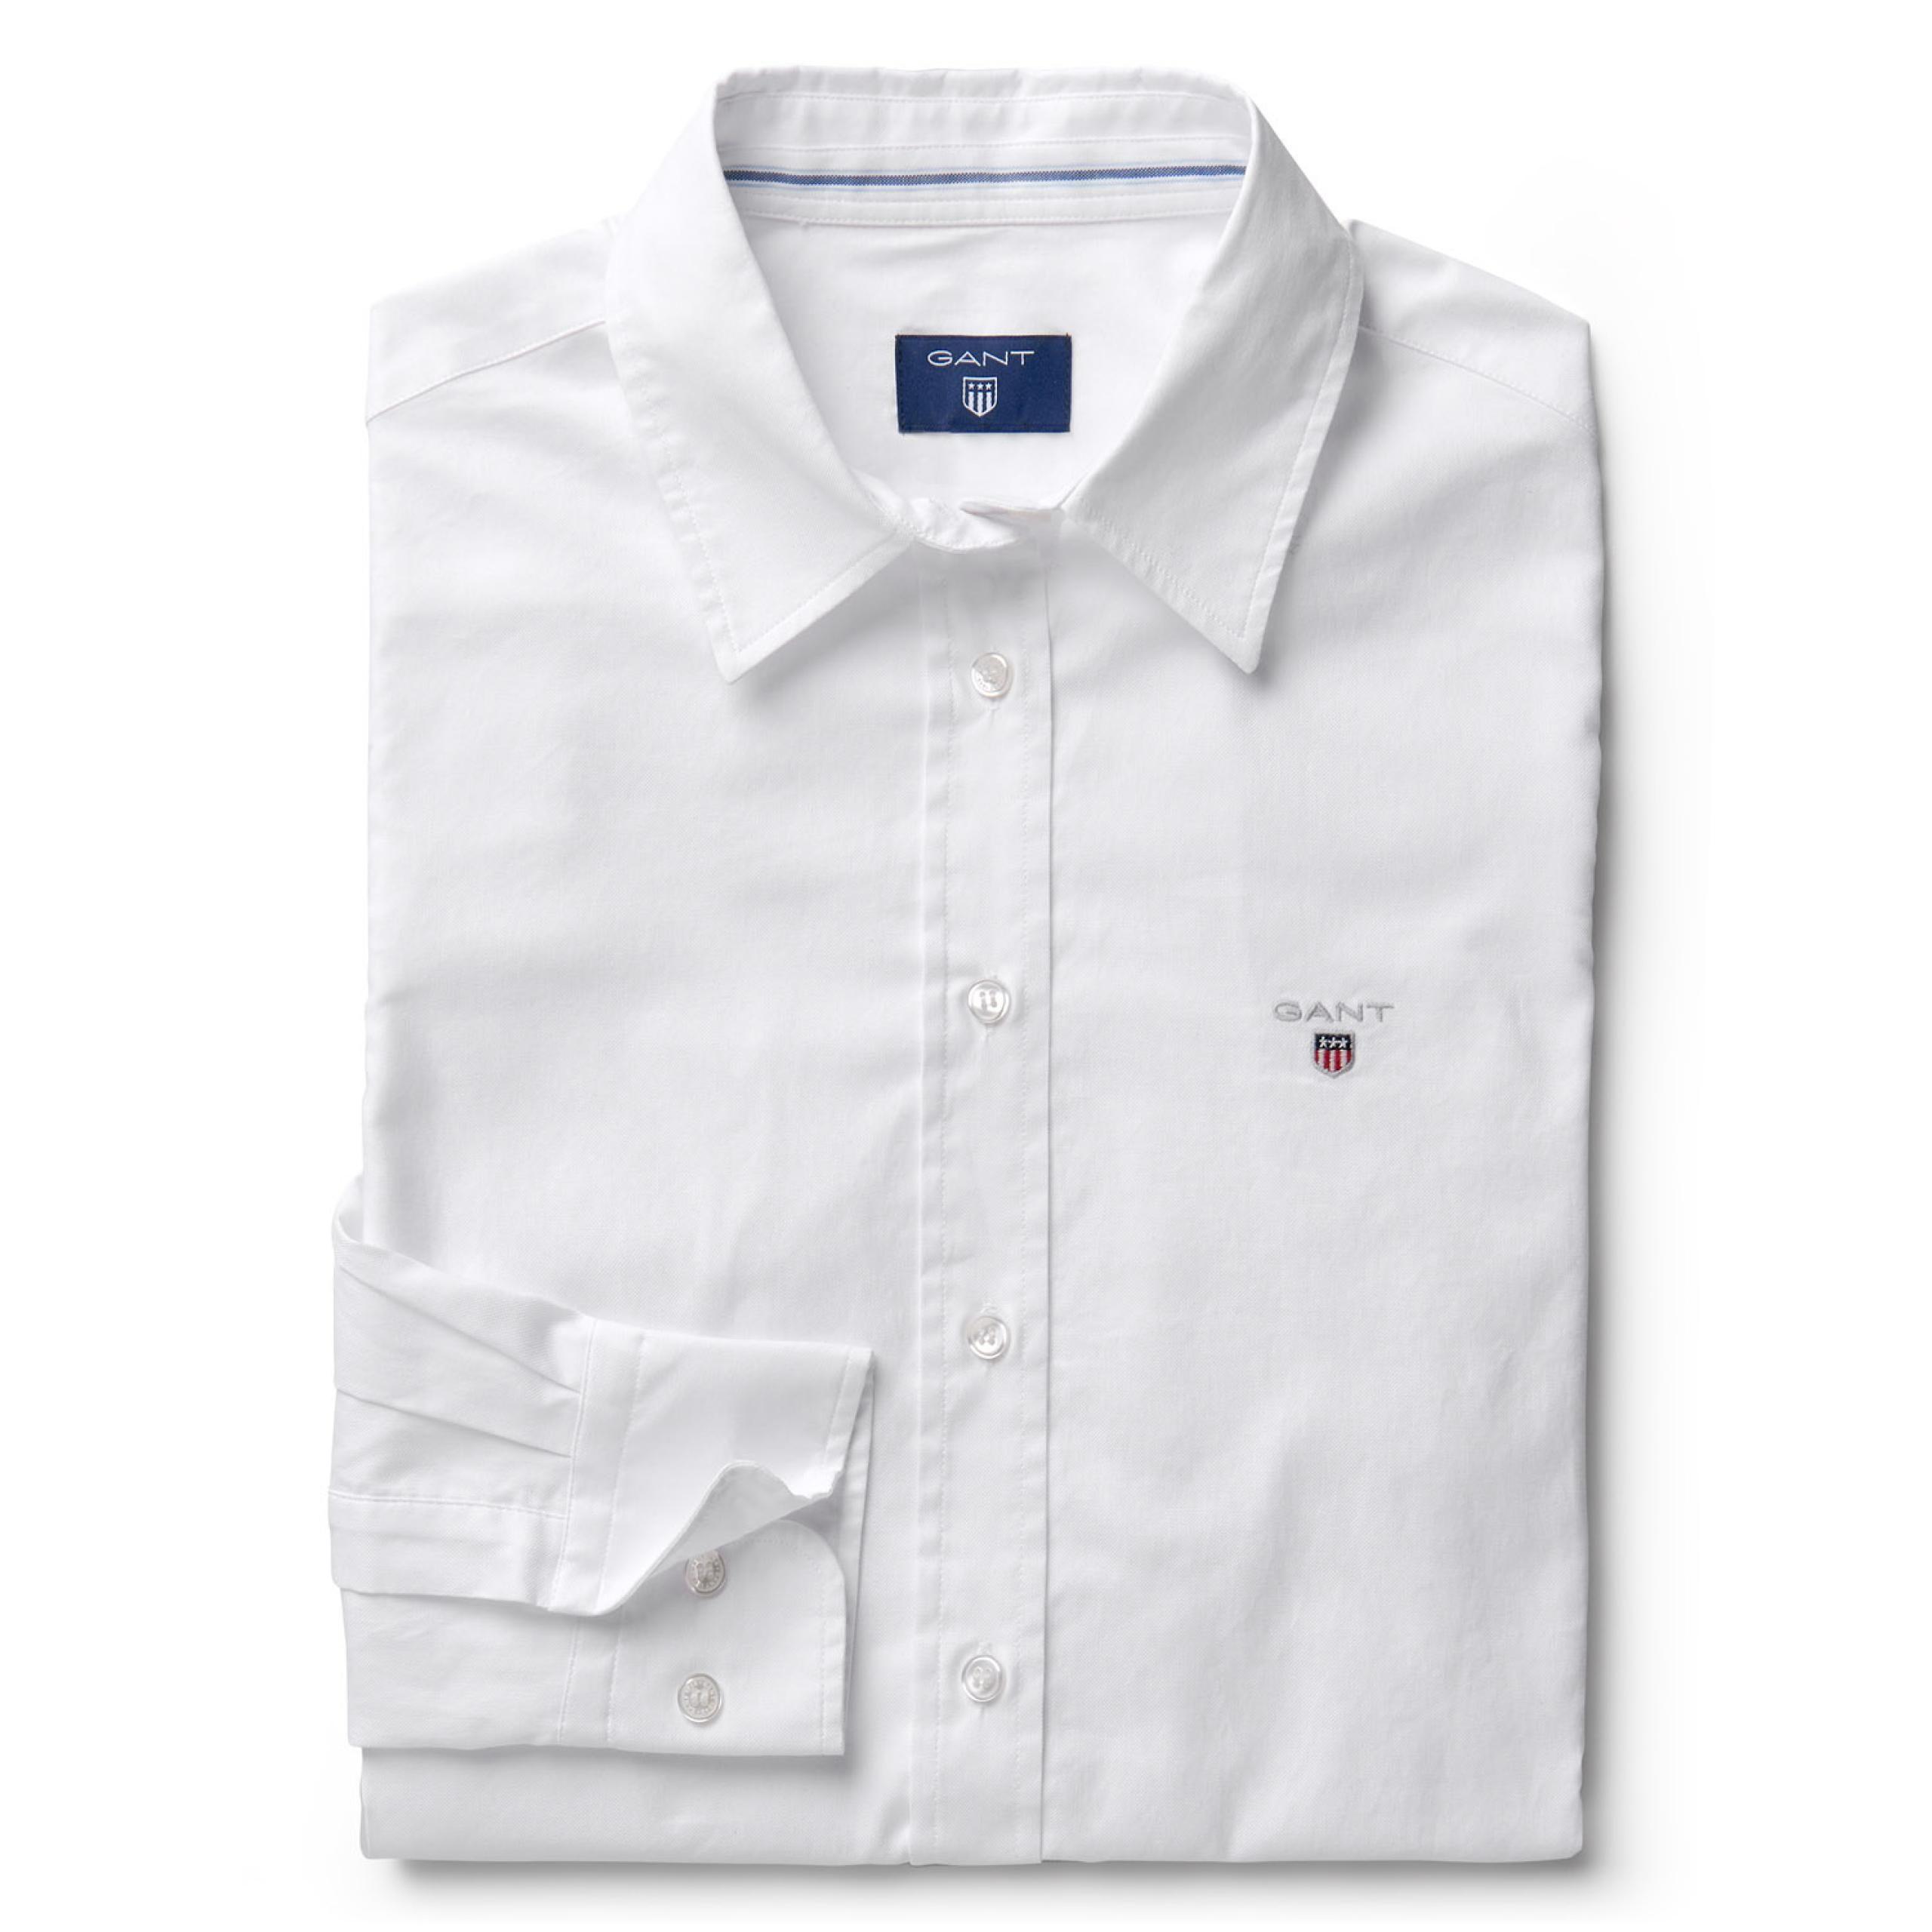 GANT - Extra Slim Stretch Oxford Shirt White for women | Offisiell nettside  Pris 1'000,-